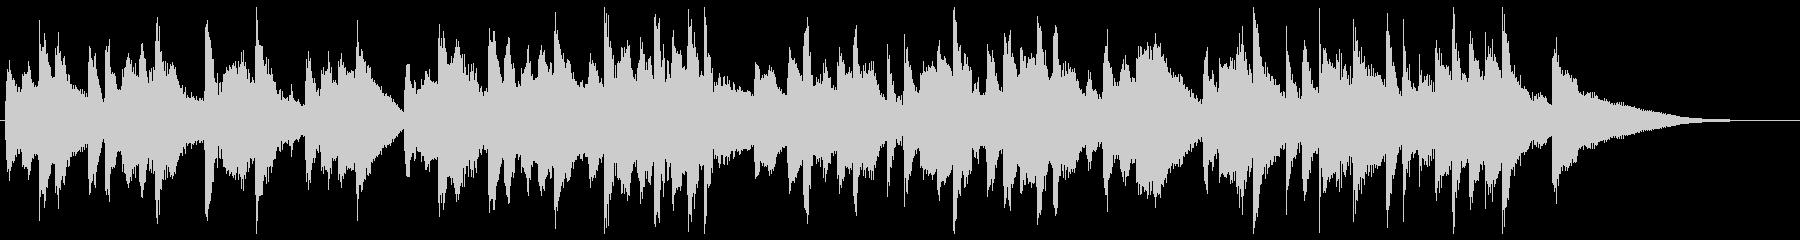 軽快なマリンバが楽しい15秒楽曲の未再生の波形